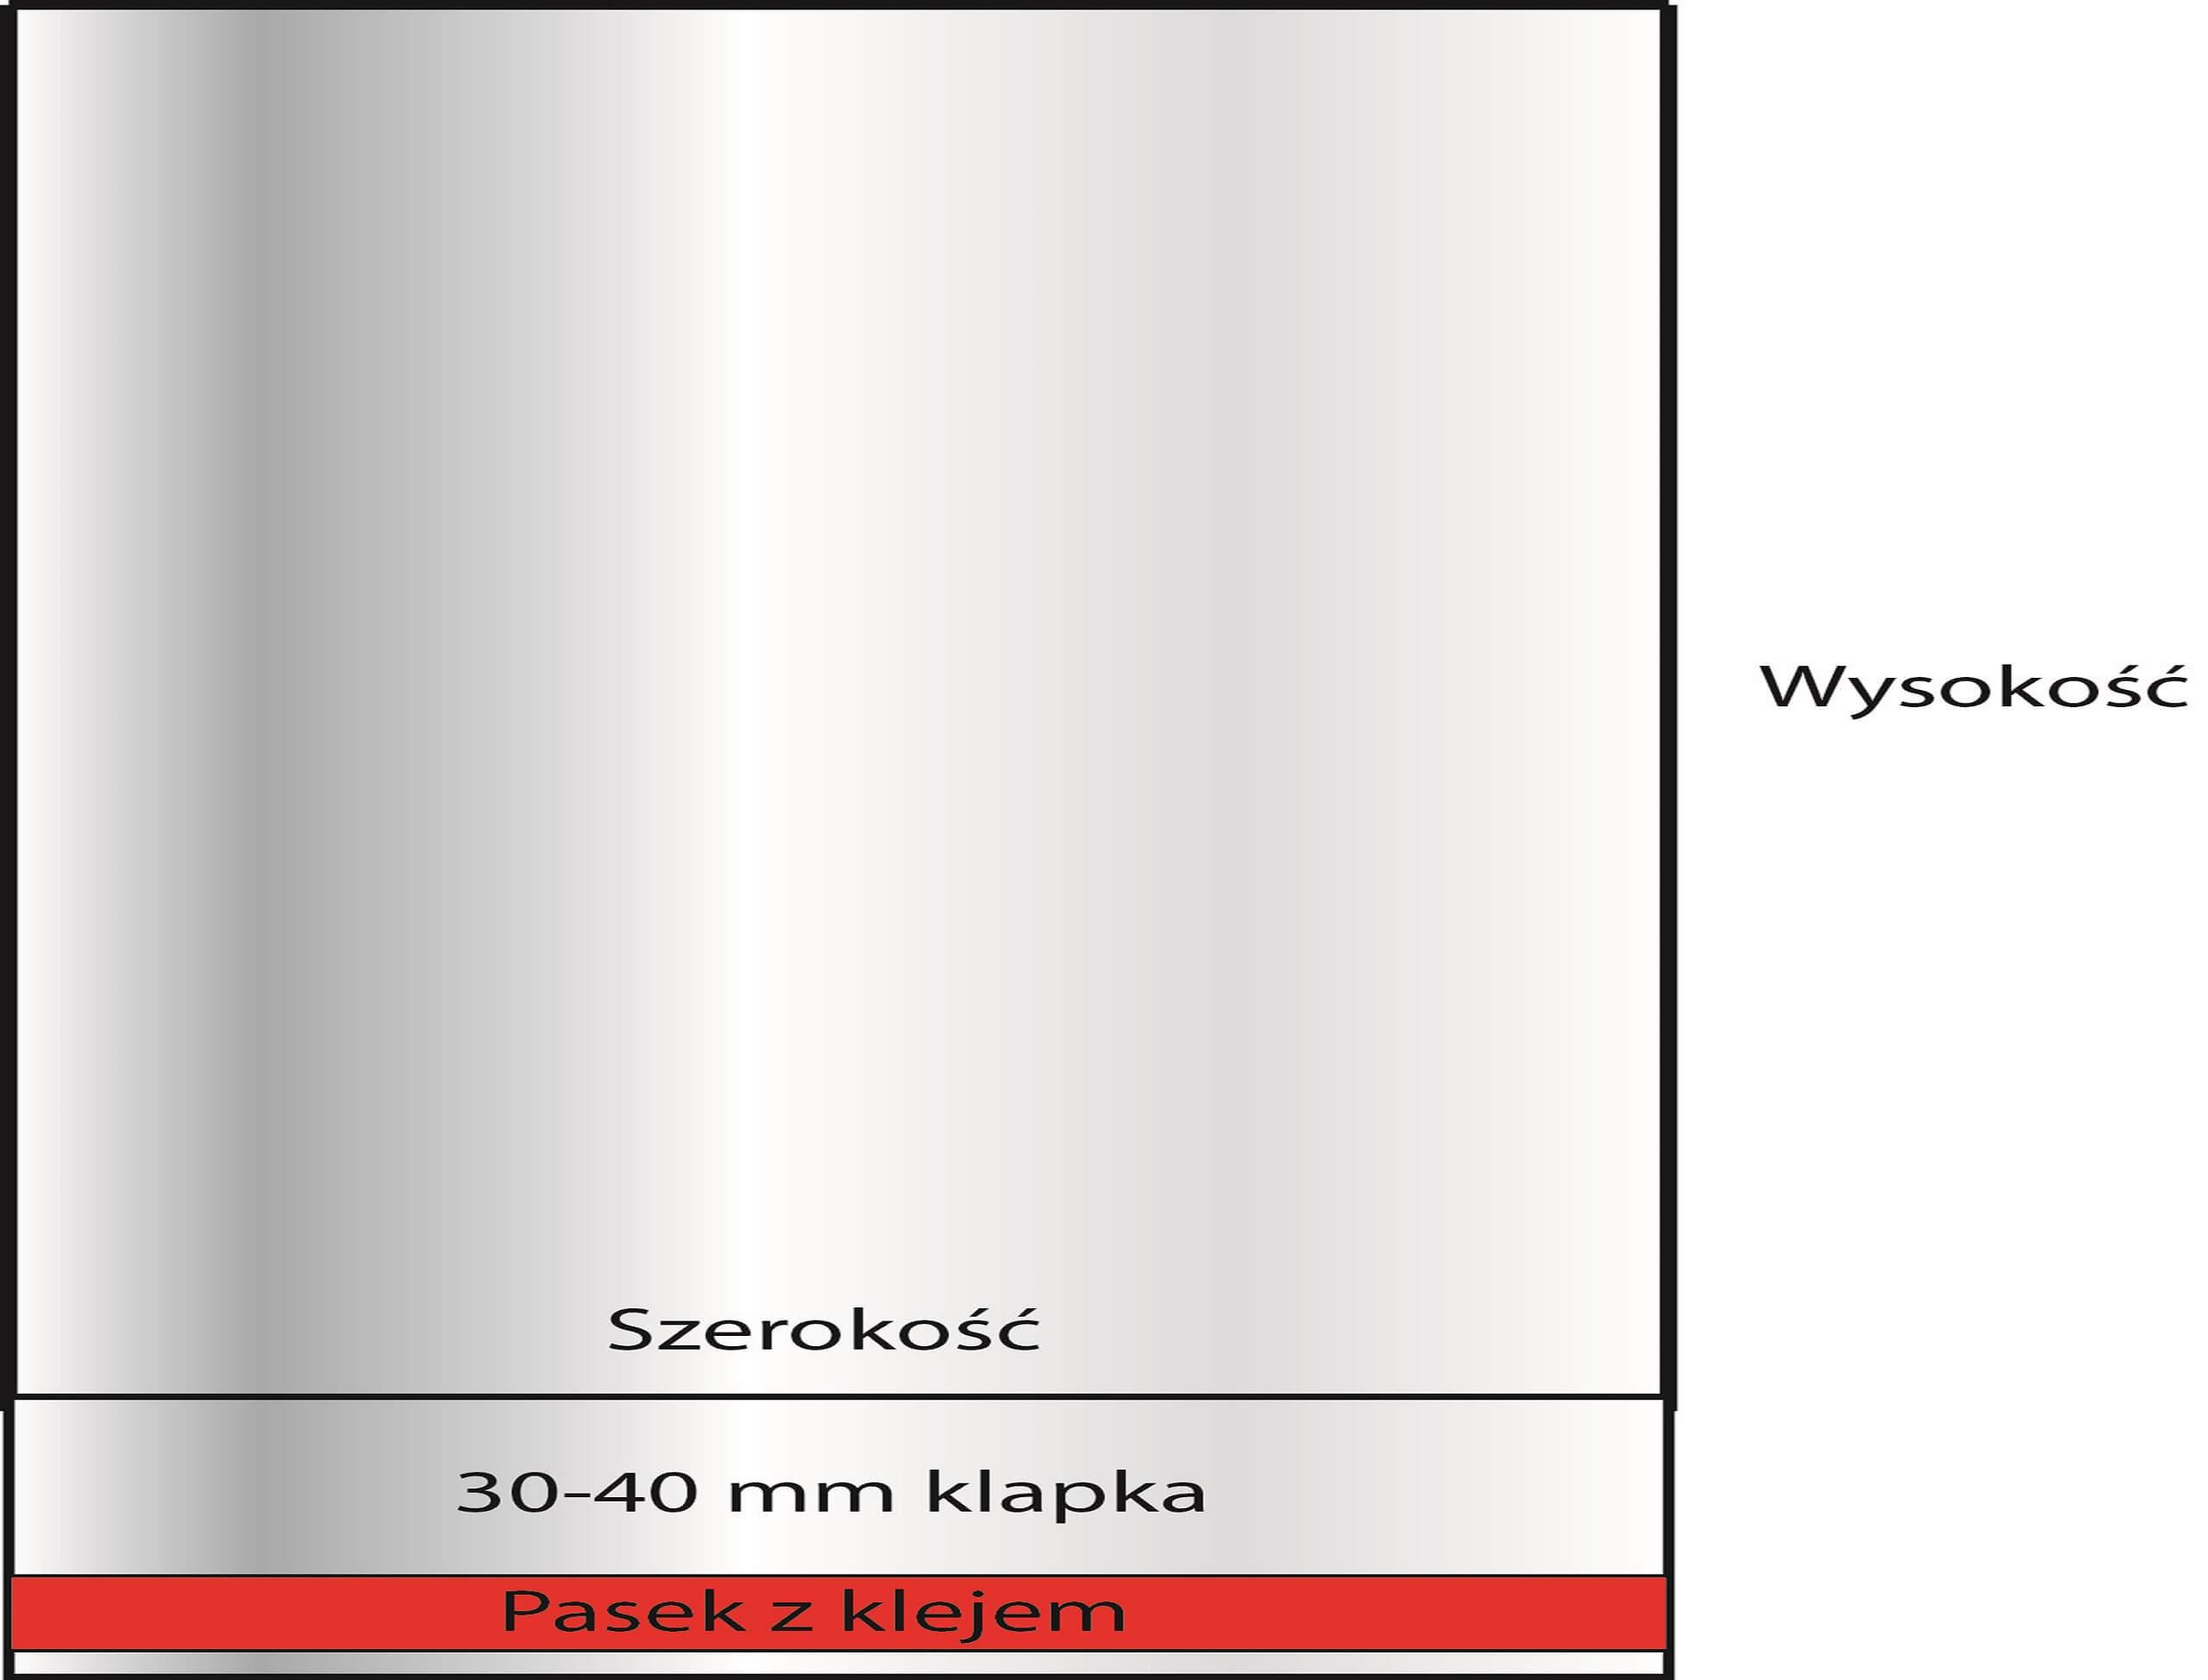 Opakowanie metaliza 1 f991d01e 0806 084204